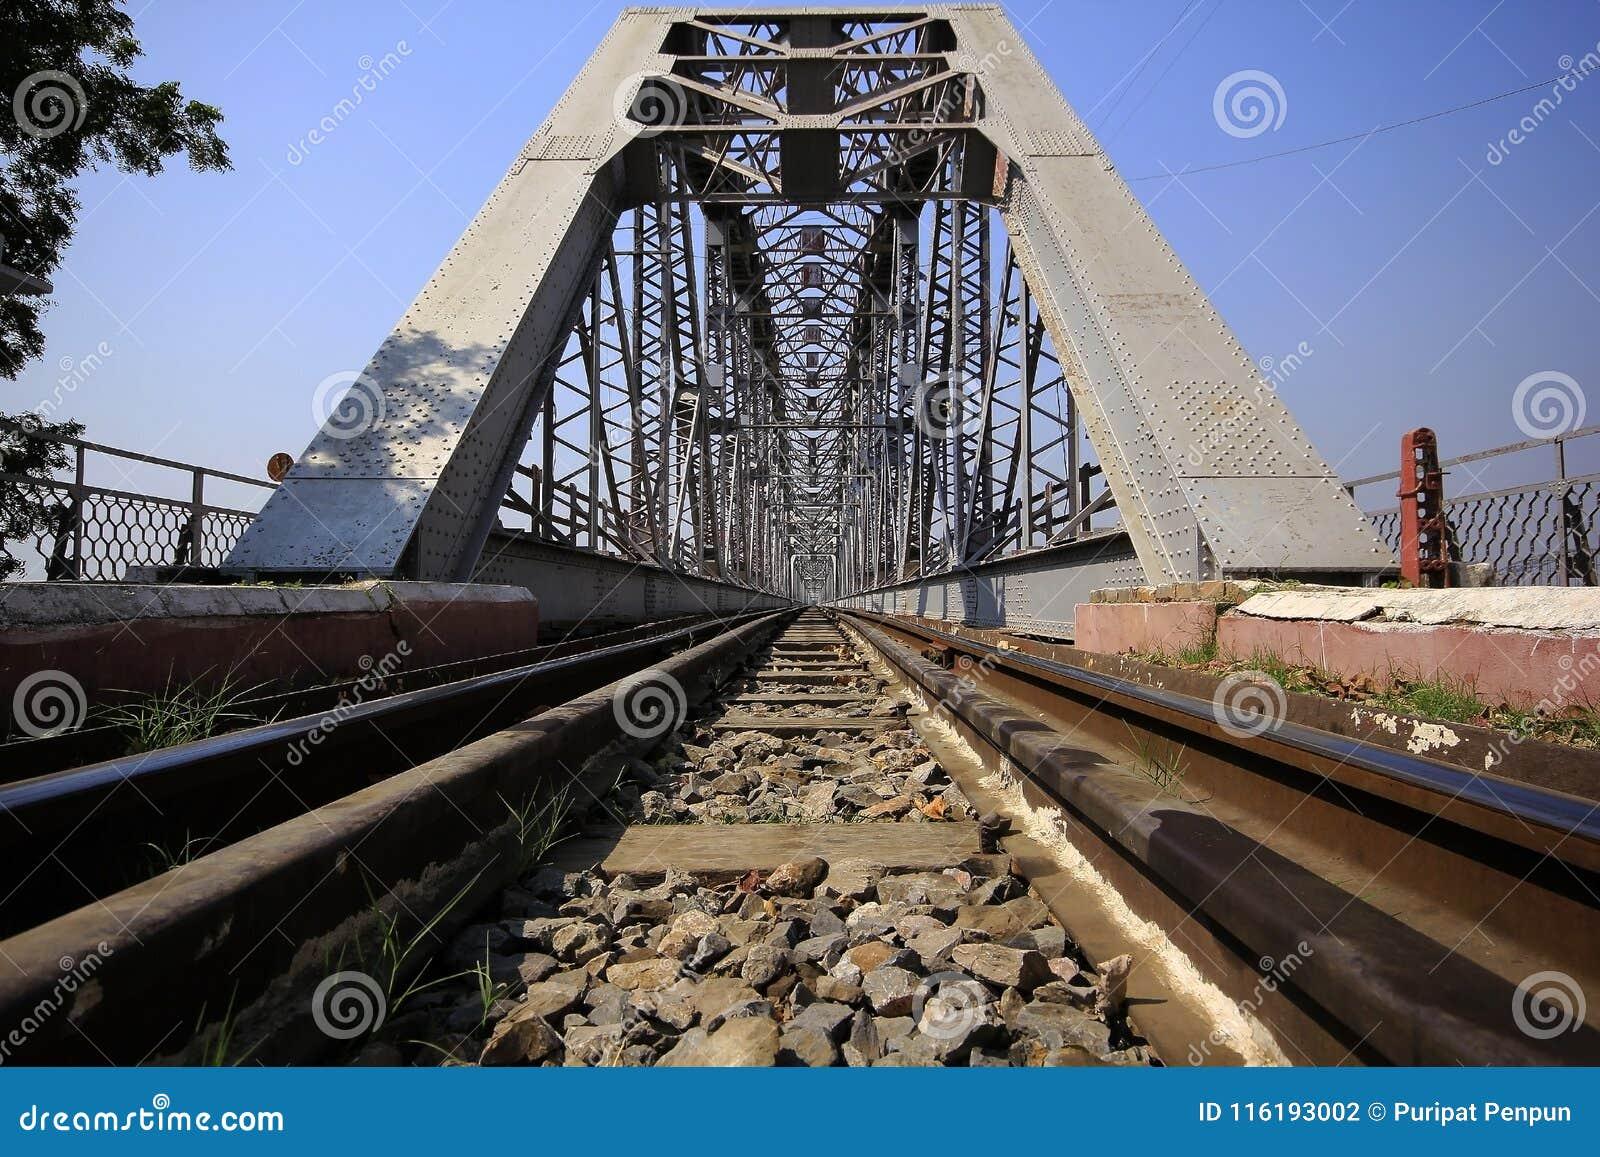 Railroad tracks and steel bridges in myanmar